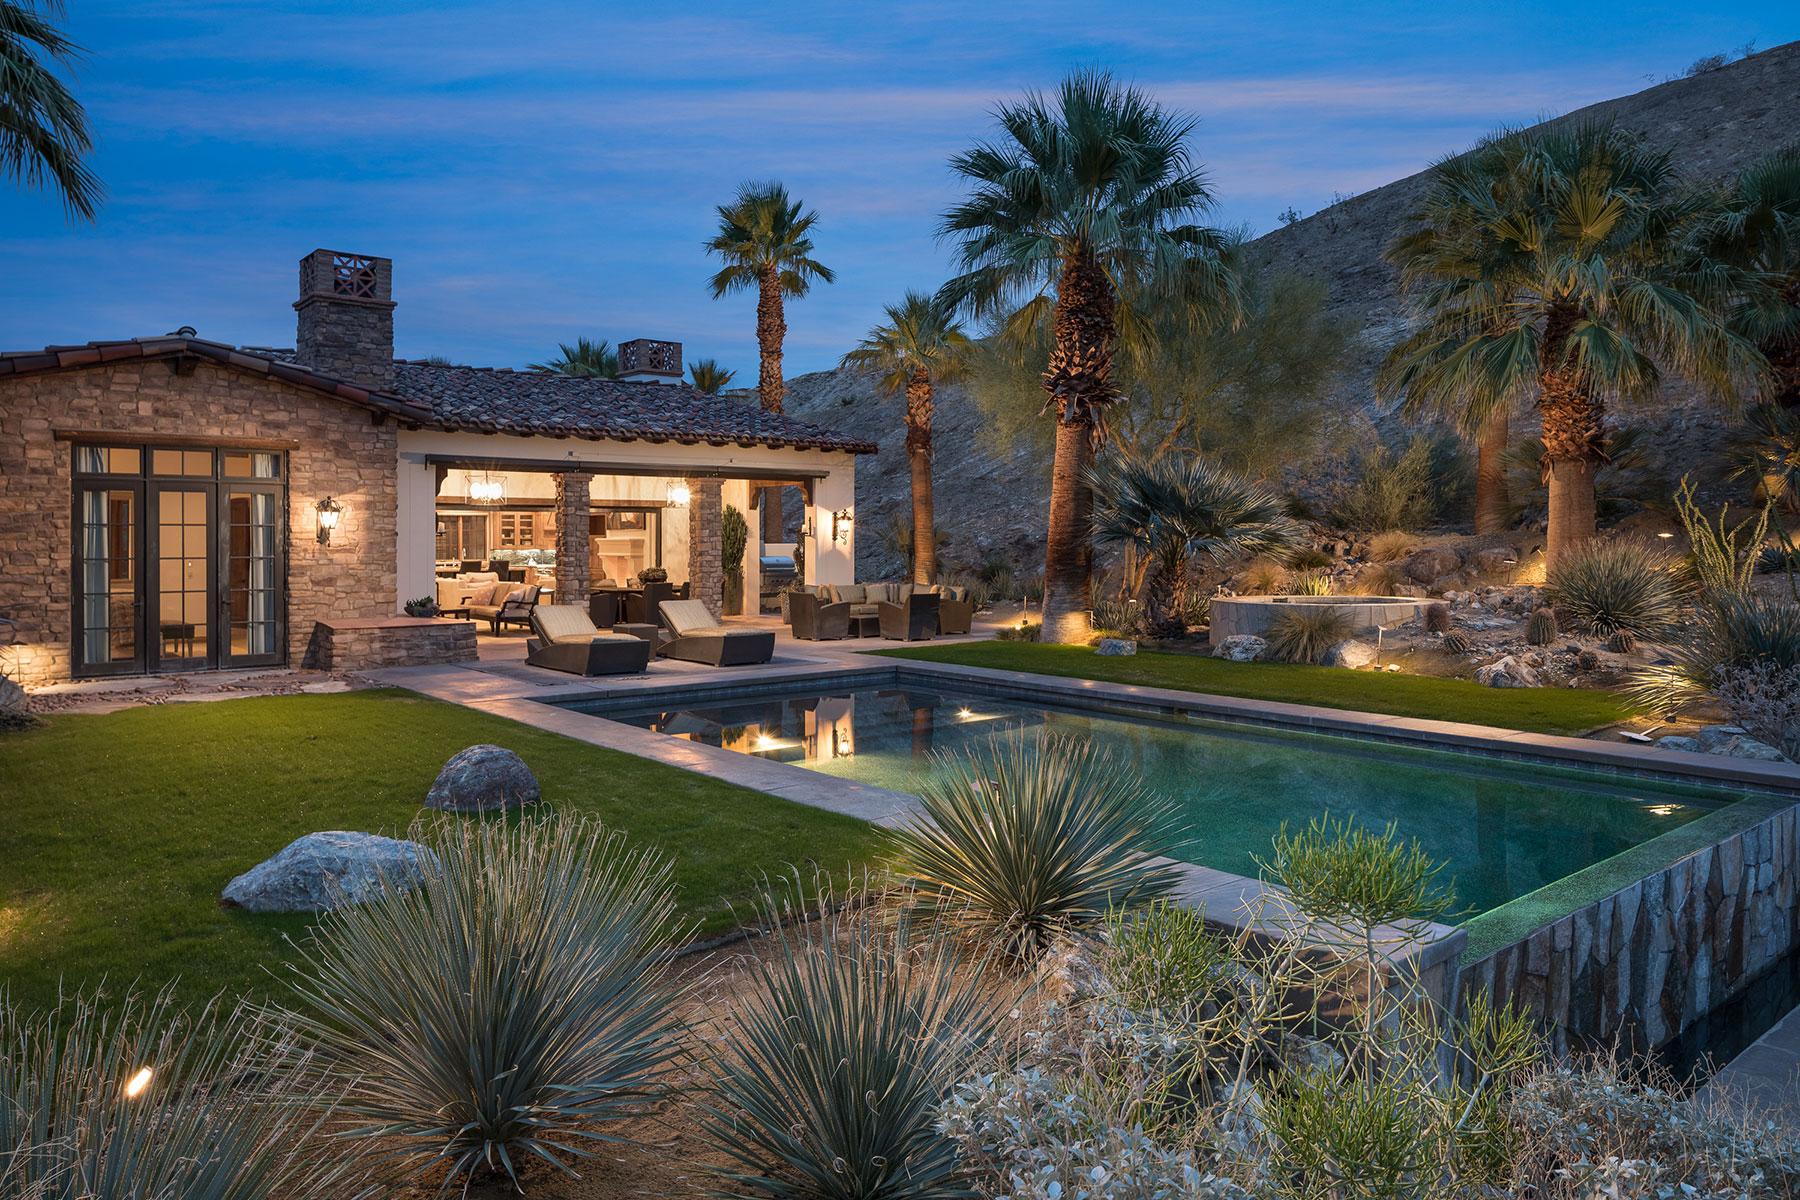 Villa per Vendita alle ore 1 Santa Rosa Mountain Rancho Mirage, California, 92270 Stati Uniti